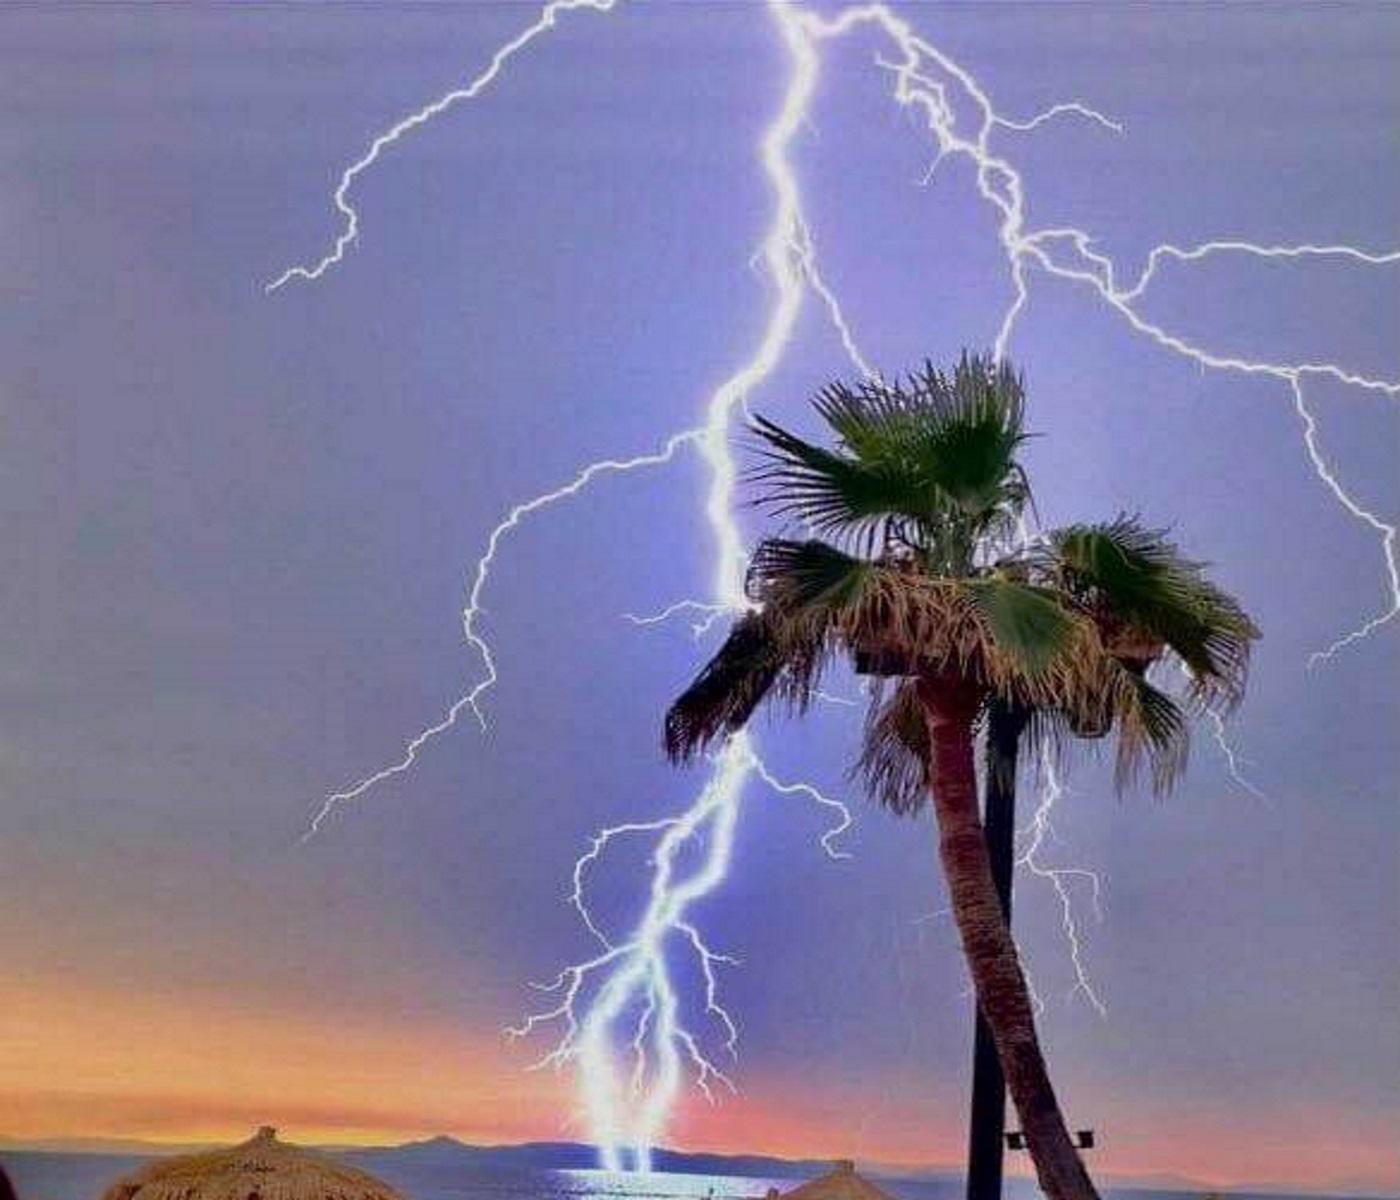 Βροχή στην Αθήνα: Η στιγμή που κεραυνός «χτυπά» στη θάλασσα